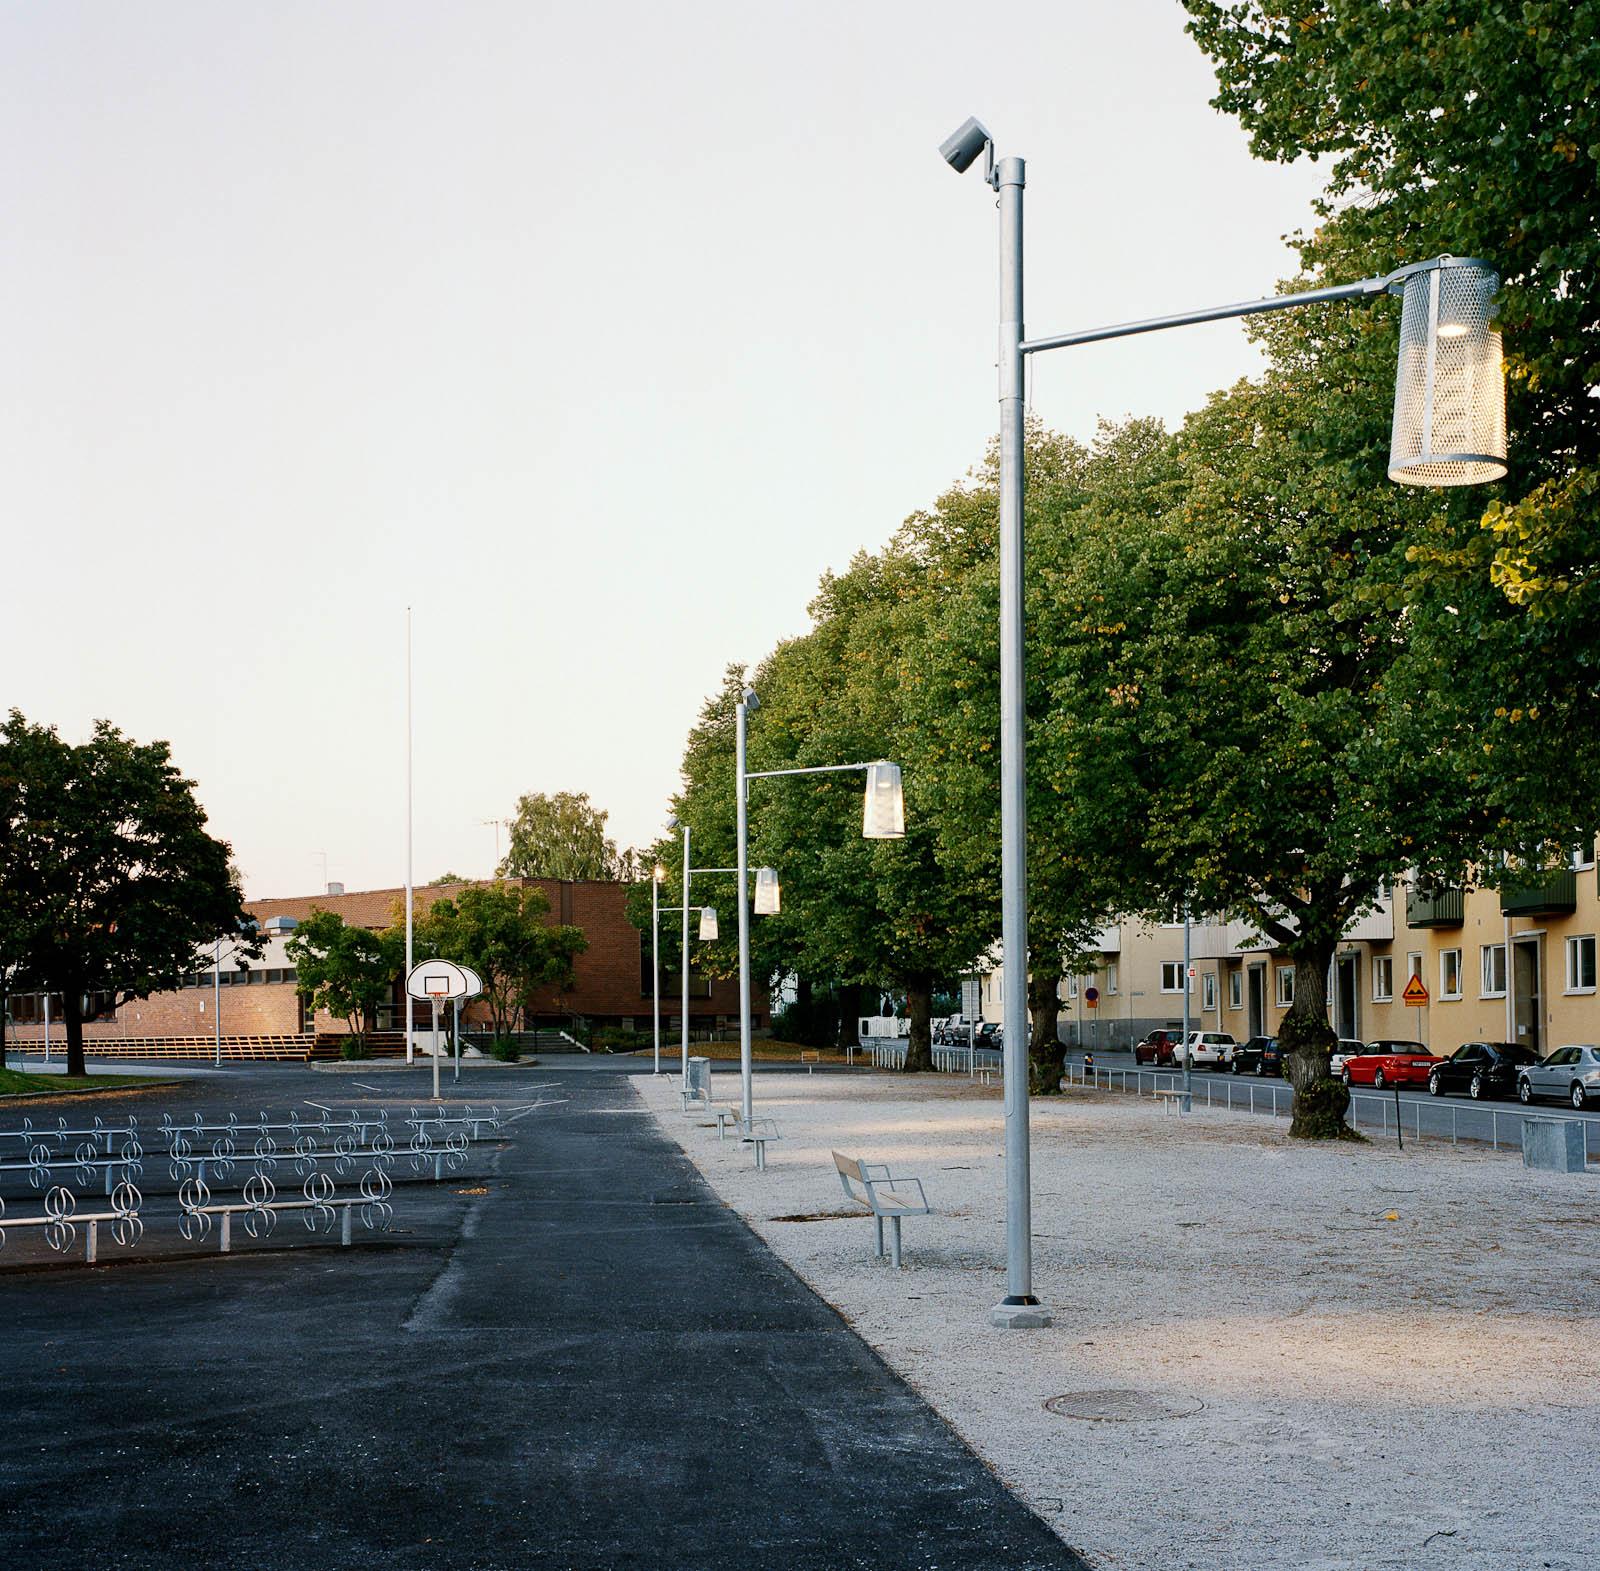 Bredvid skolgården och boulebanan ligger gatan. Love and devotion, helhetsgestaltning av Olaus Petri-skolan